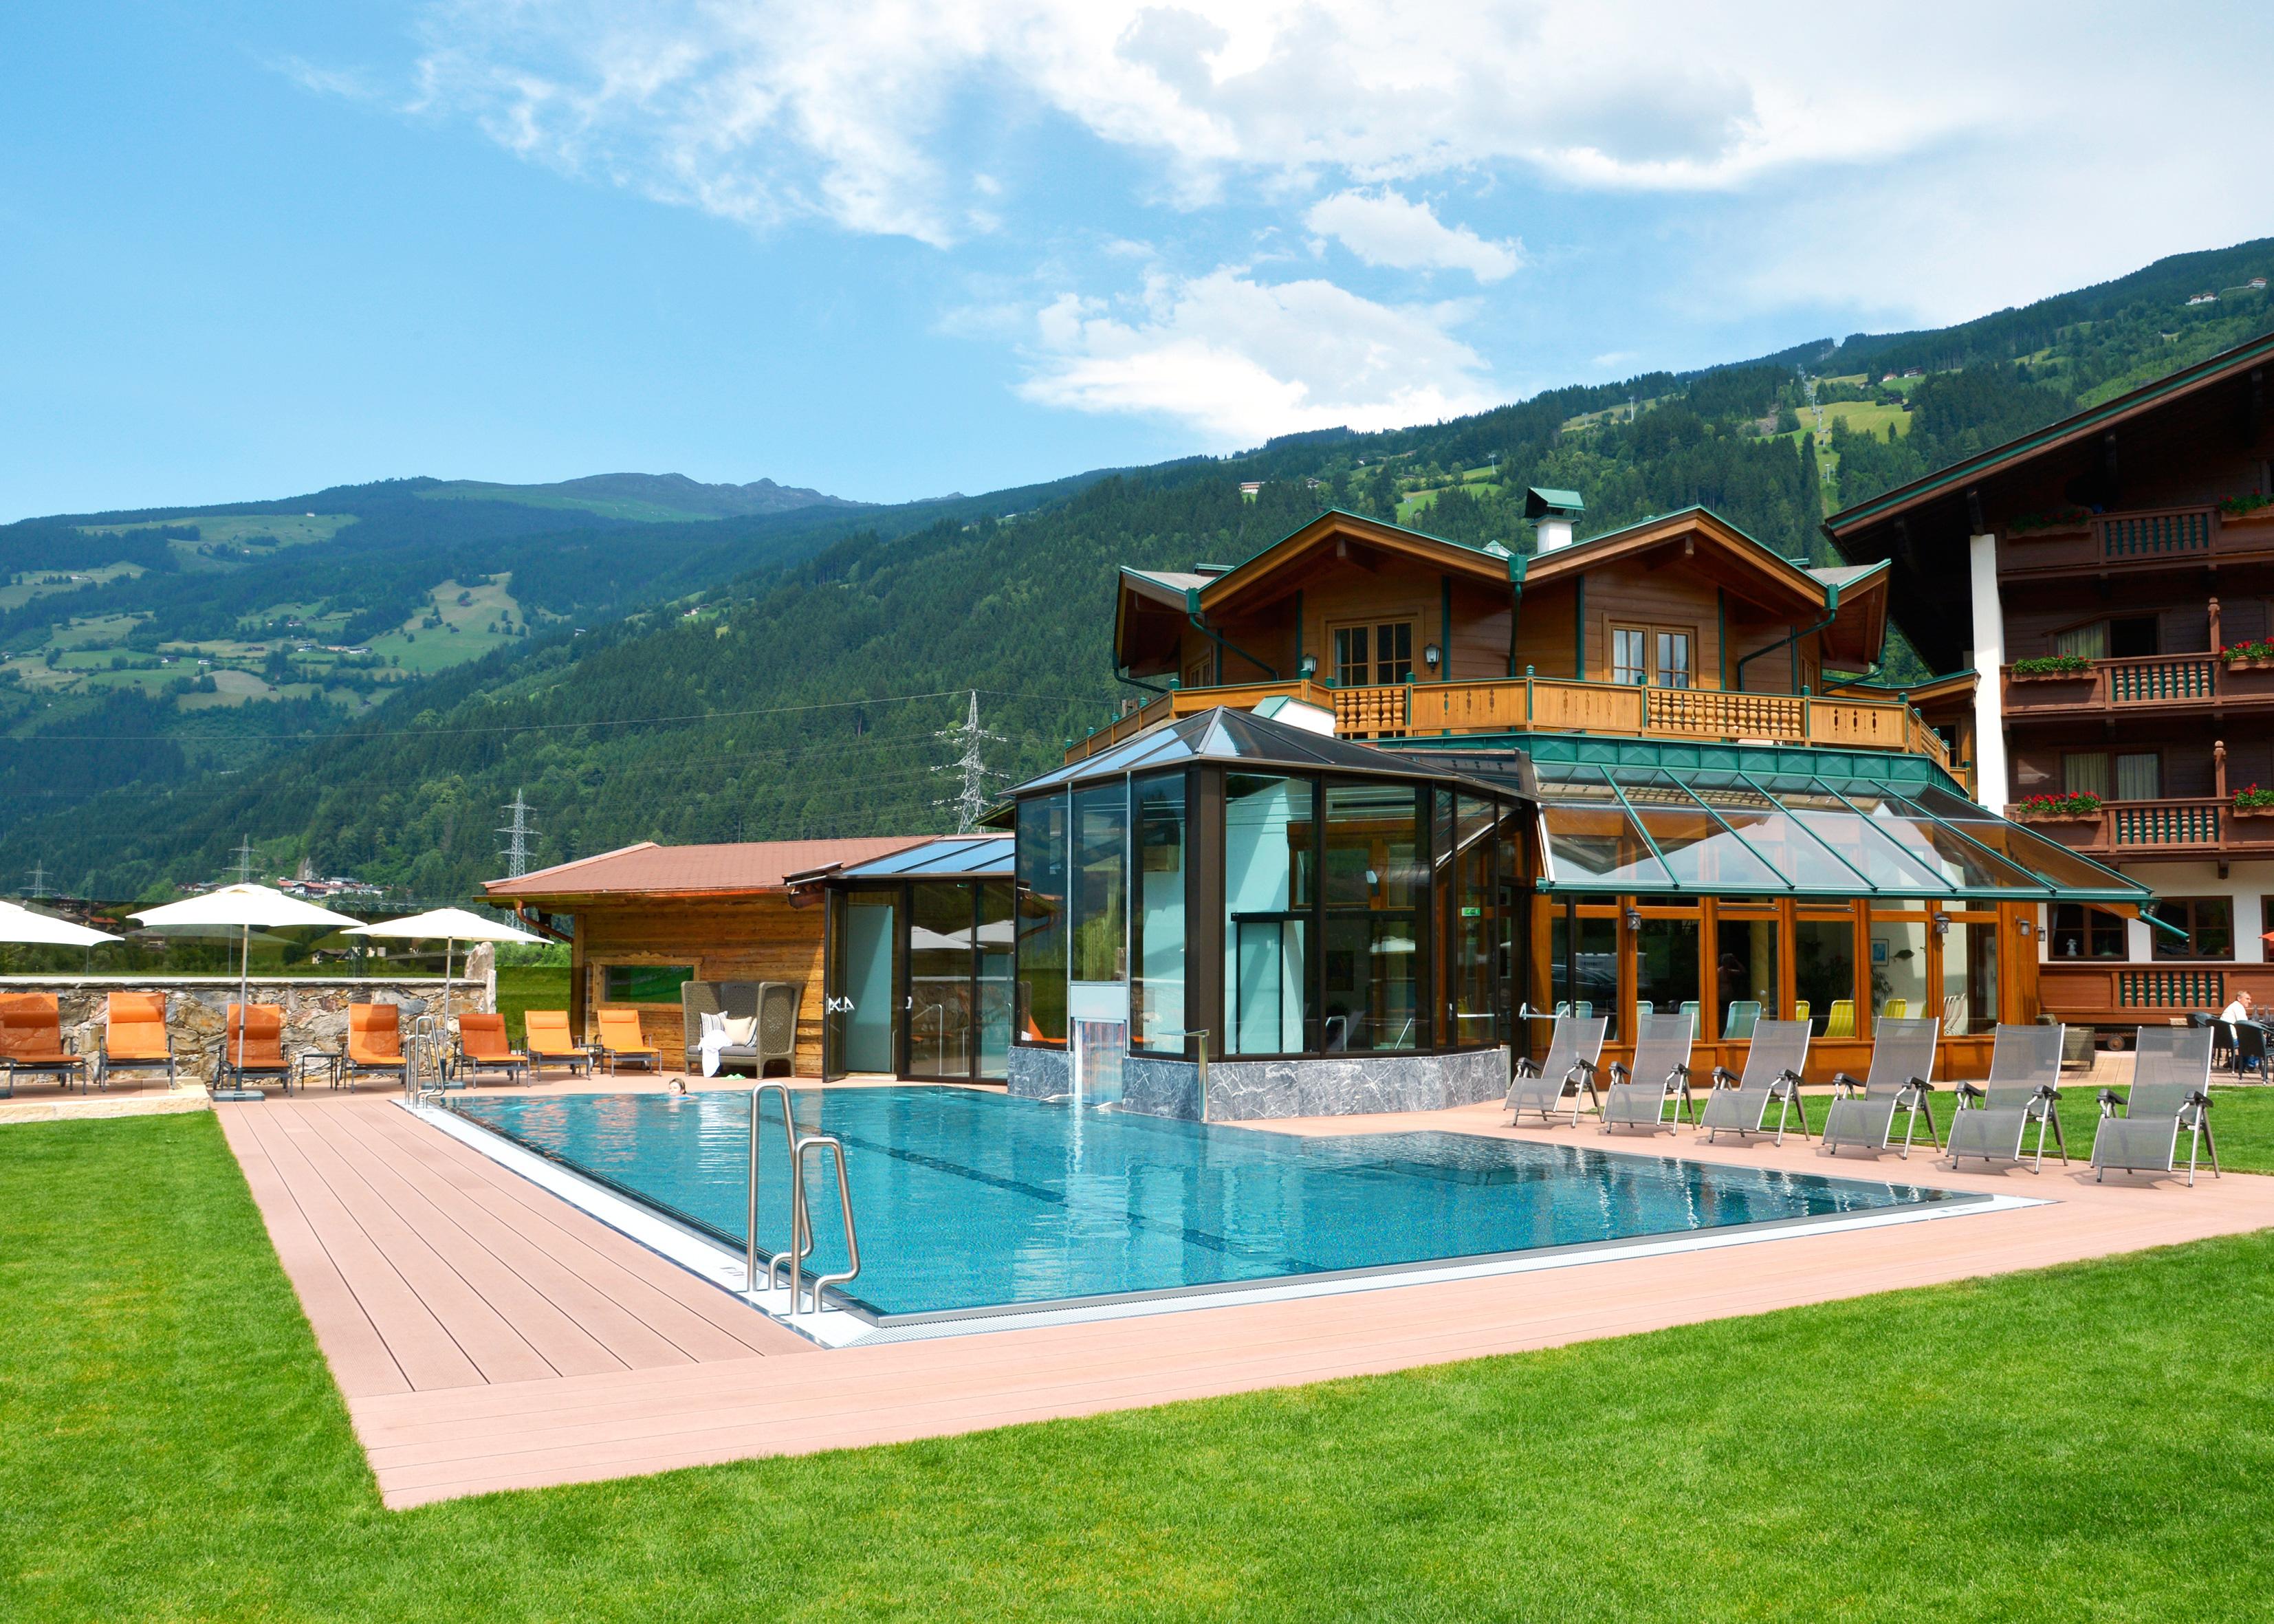 Blick auf das Freibad mit dem Hotel im Hintergrund